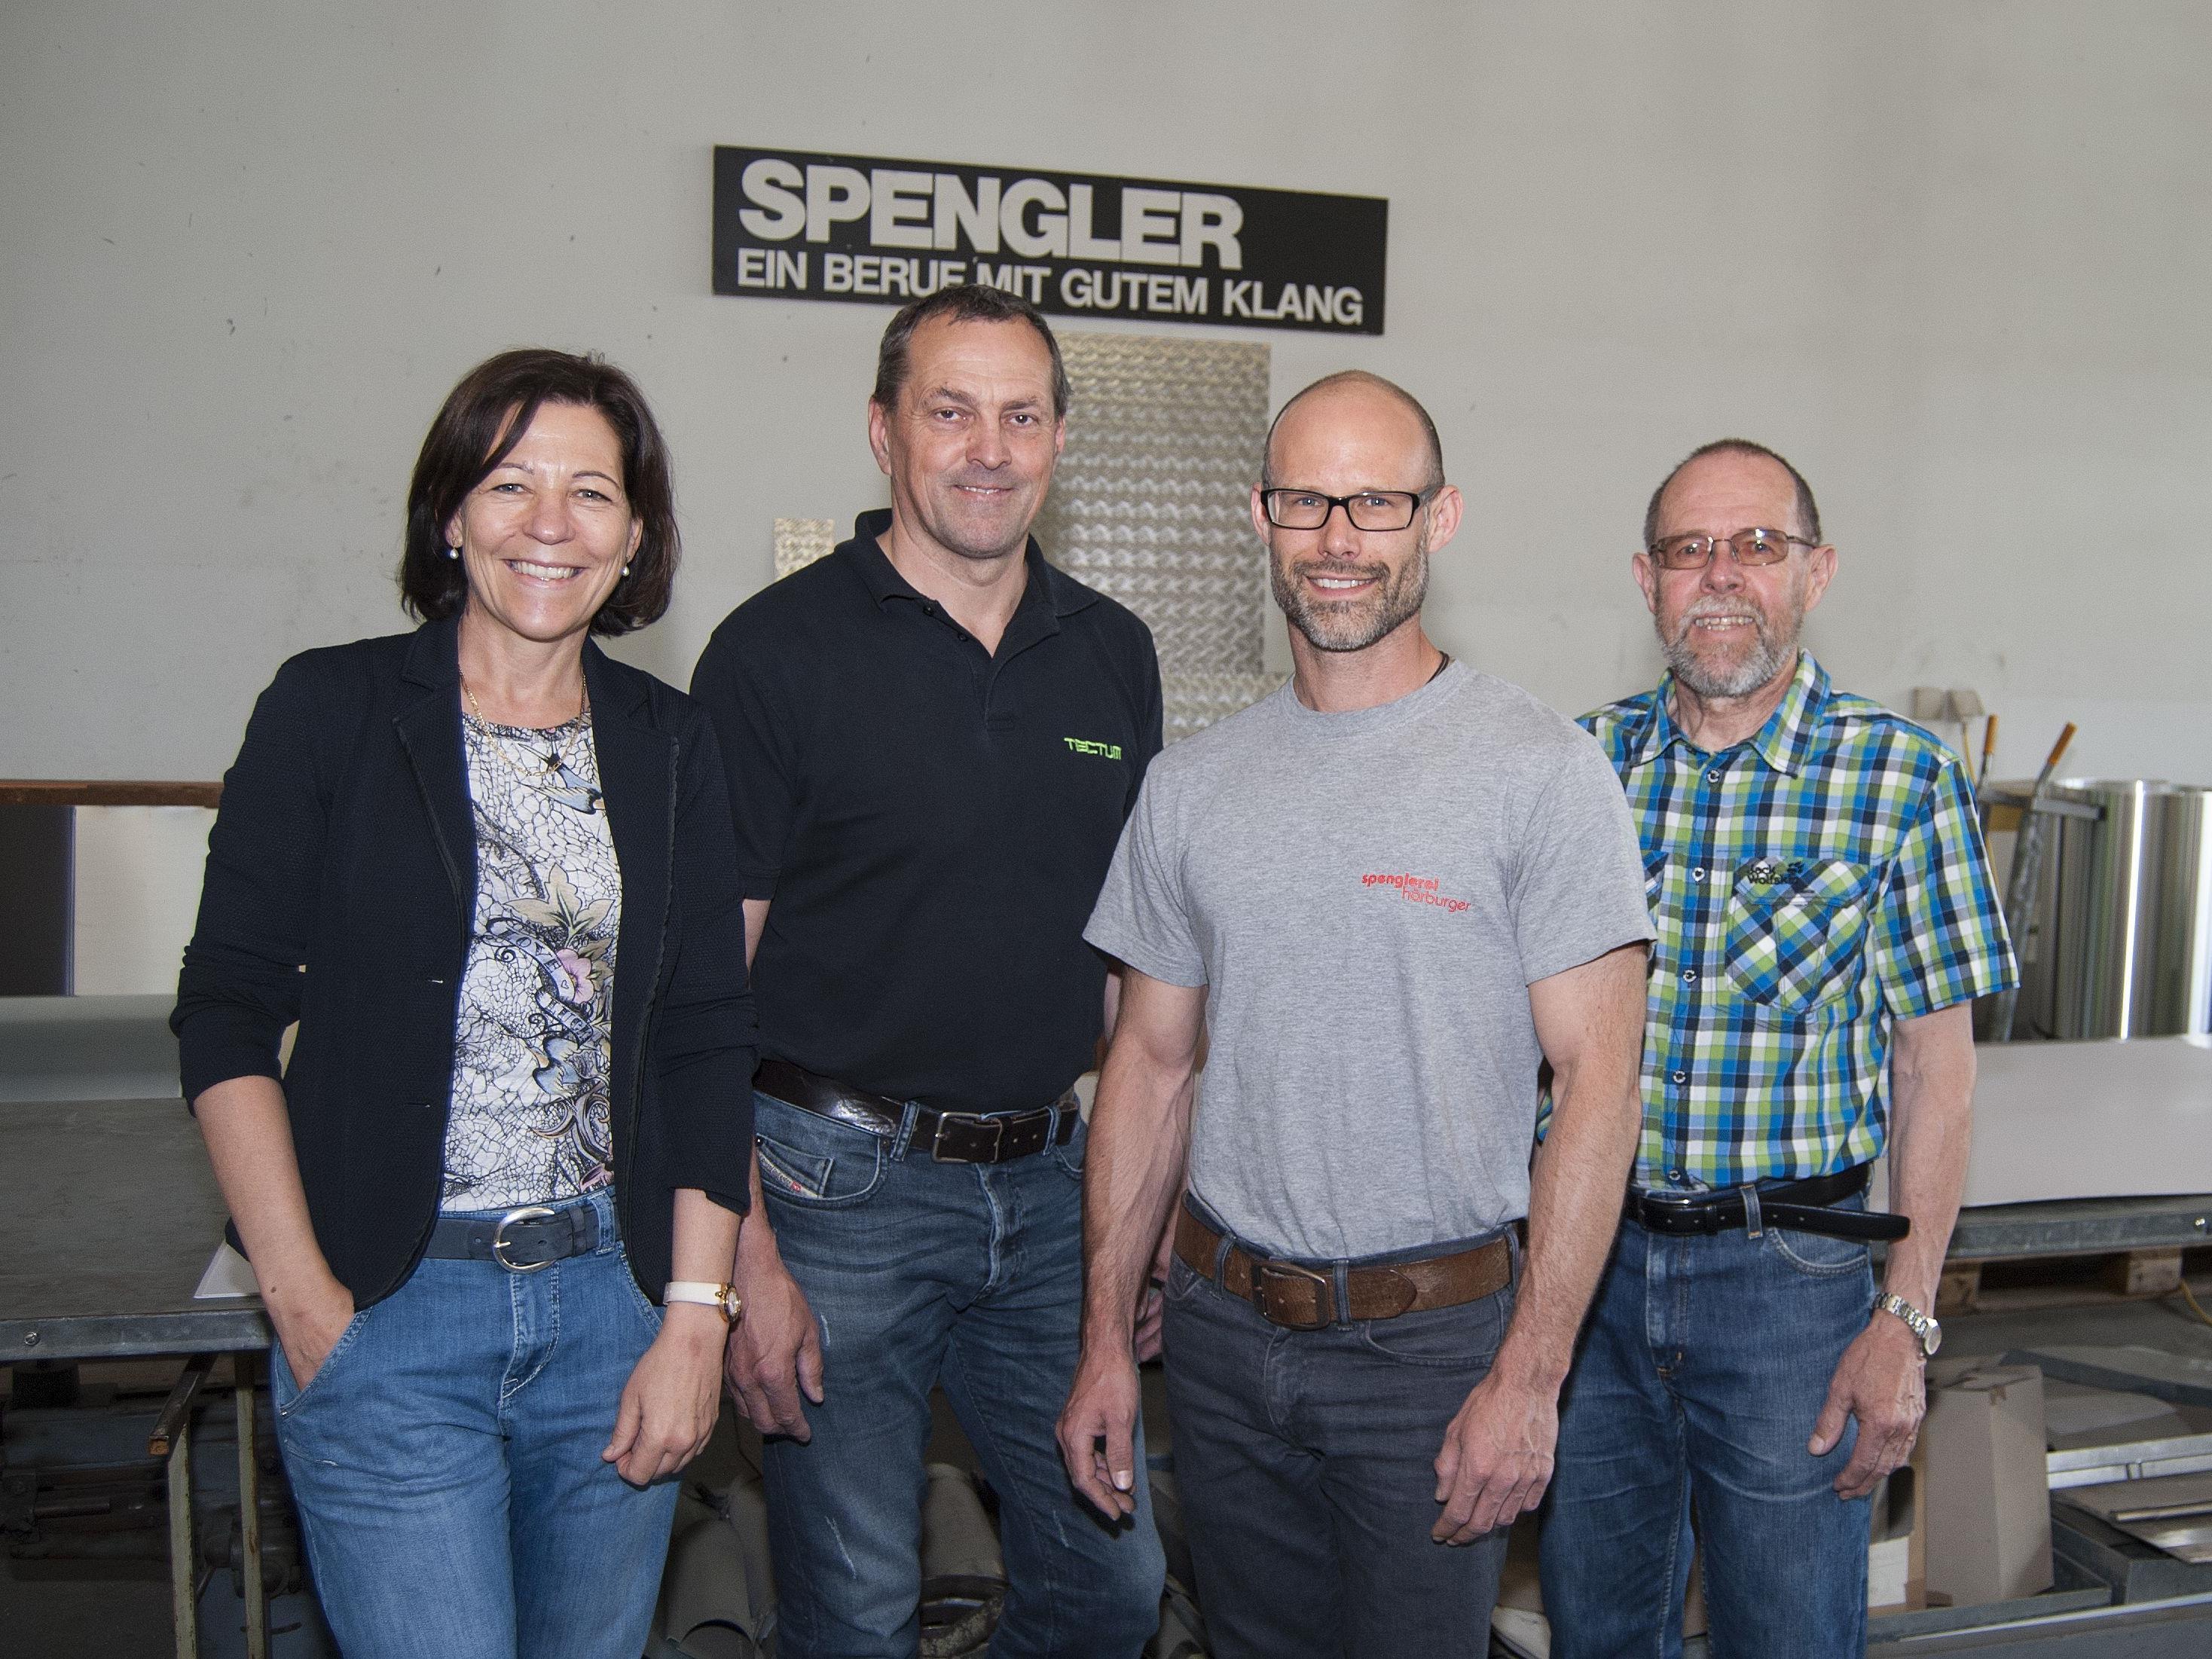 v. l. Anna und Emanuel Schinnerl, Markus Hörburger, Anton Amann